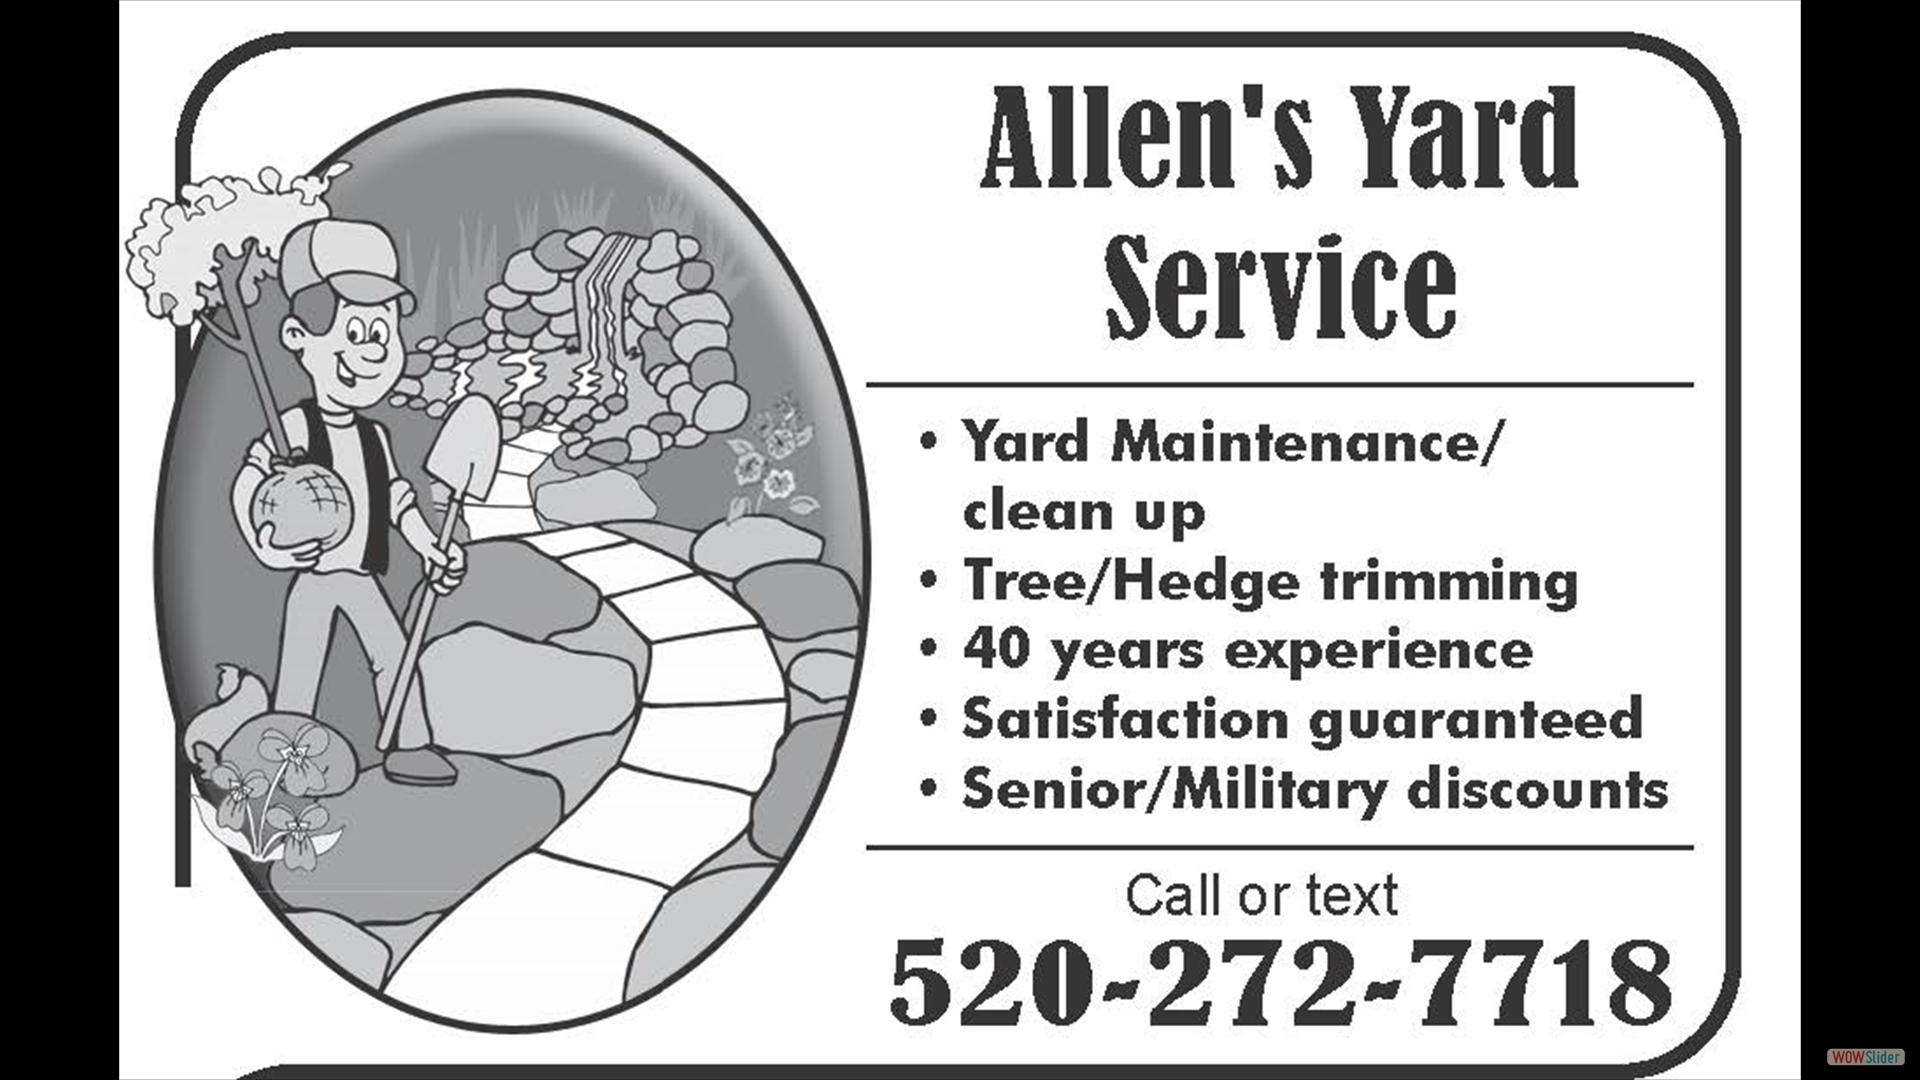 Allen's Yard Service